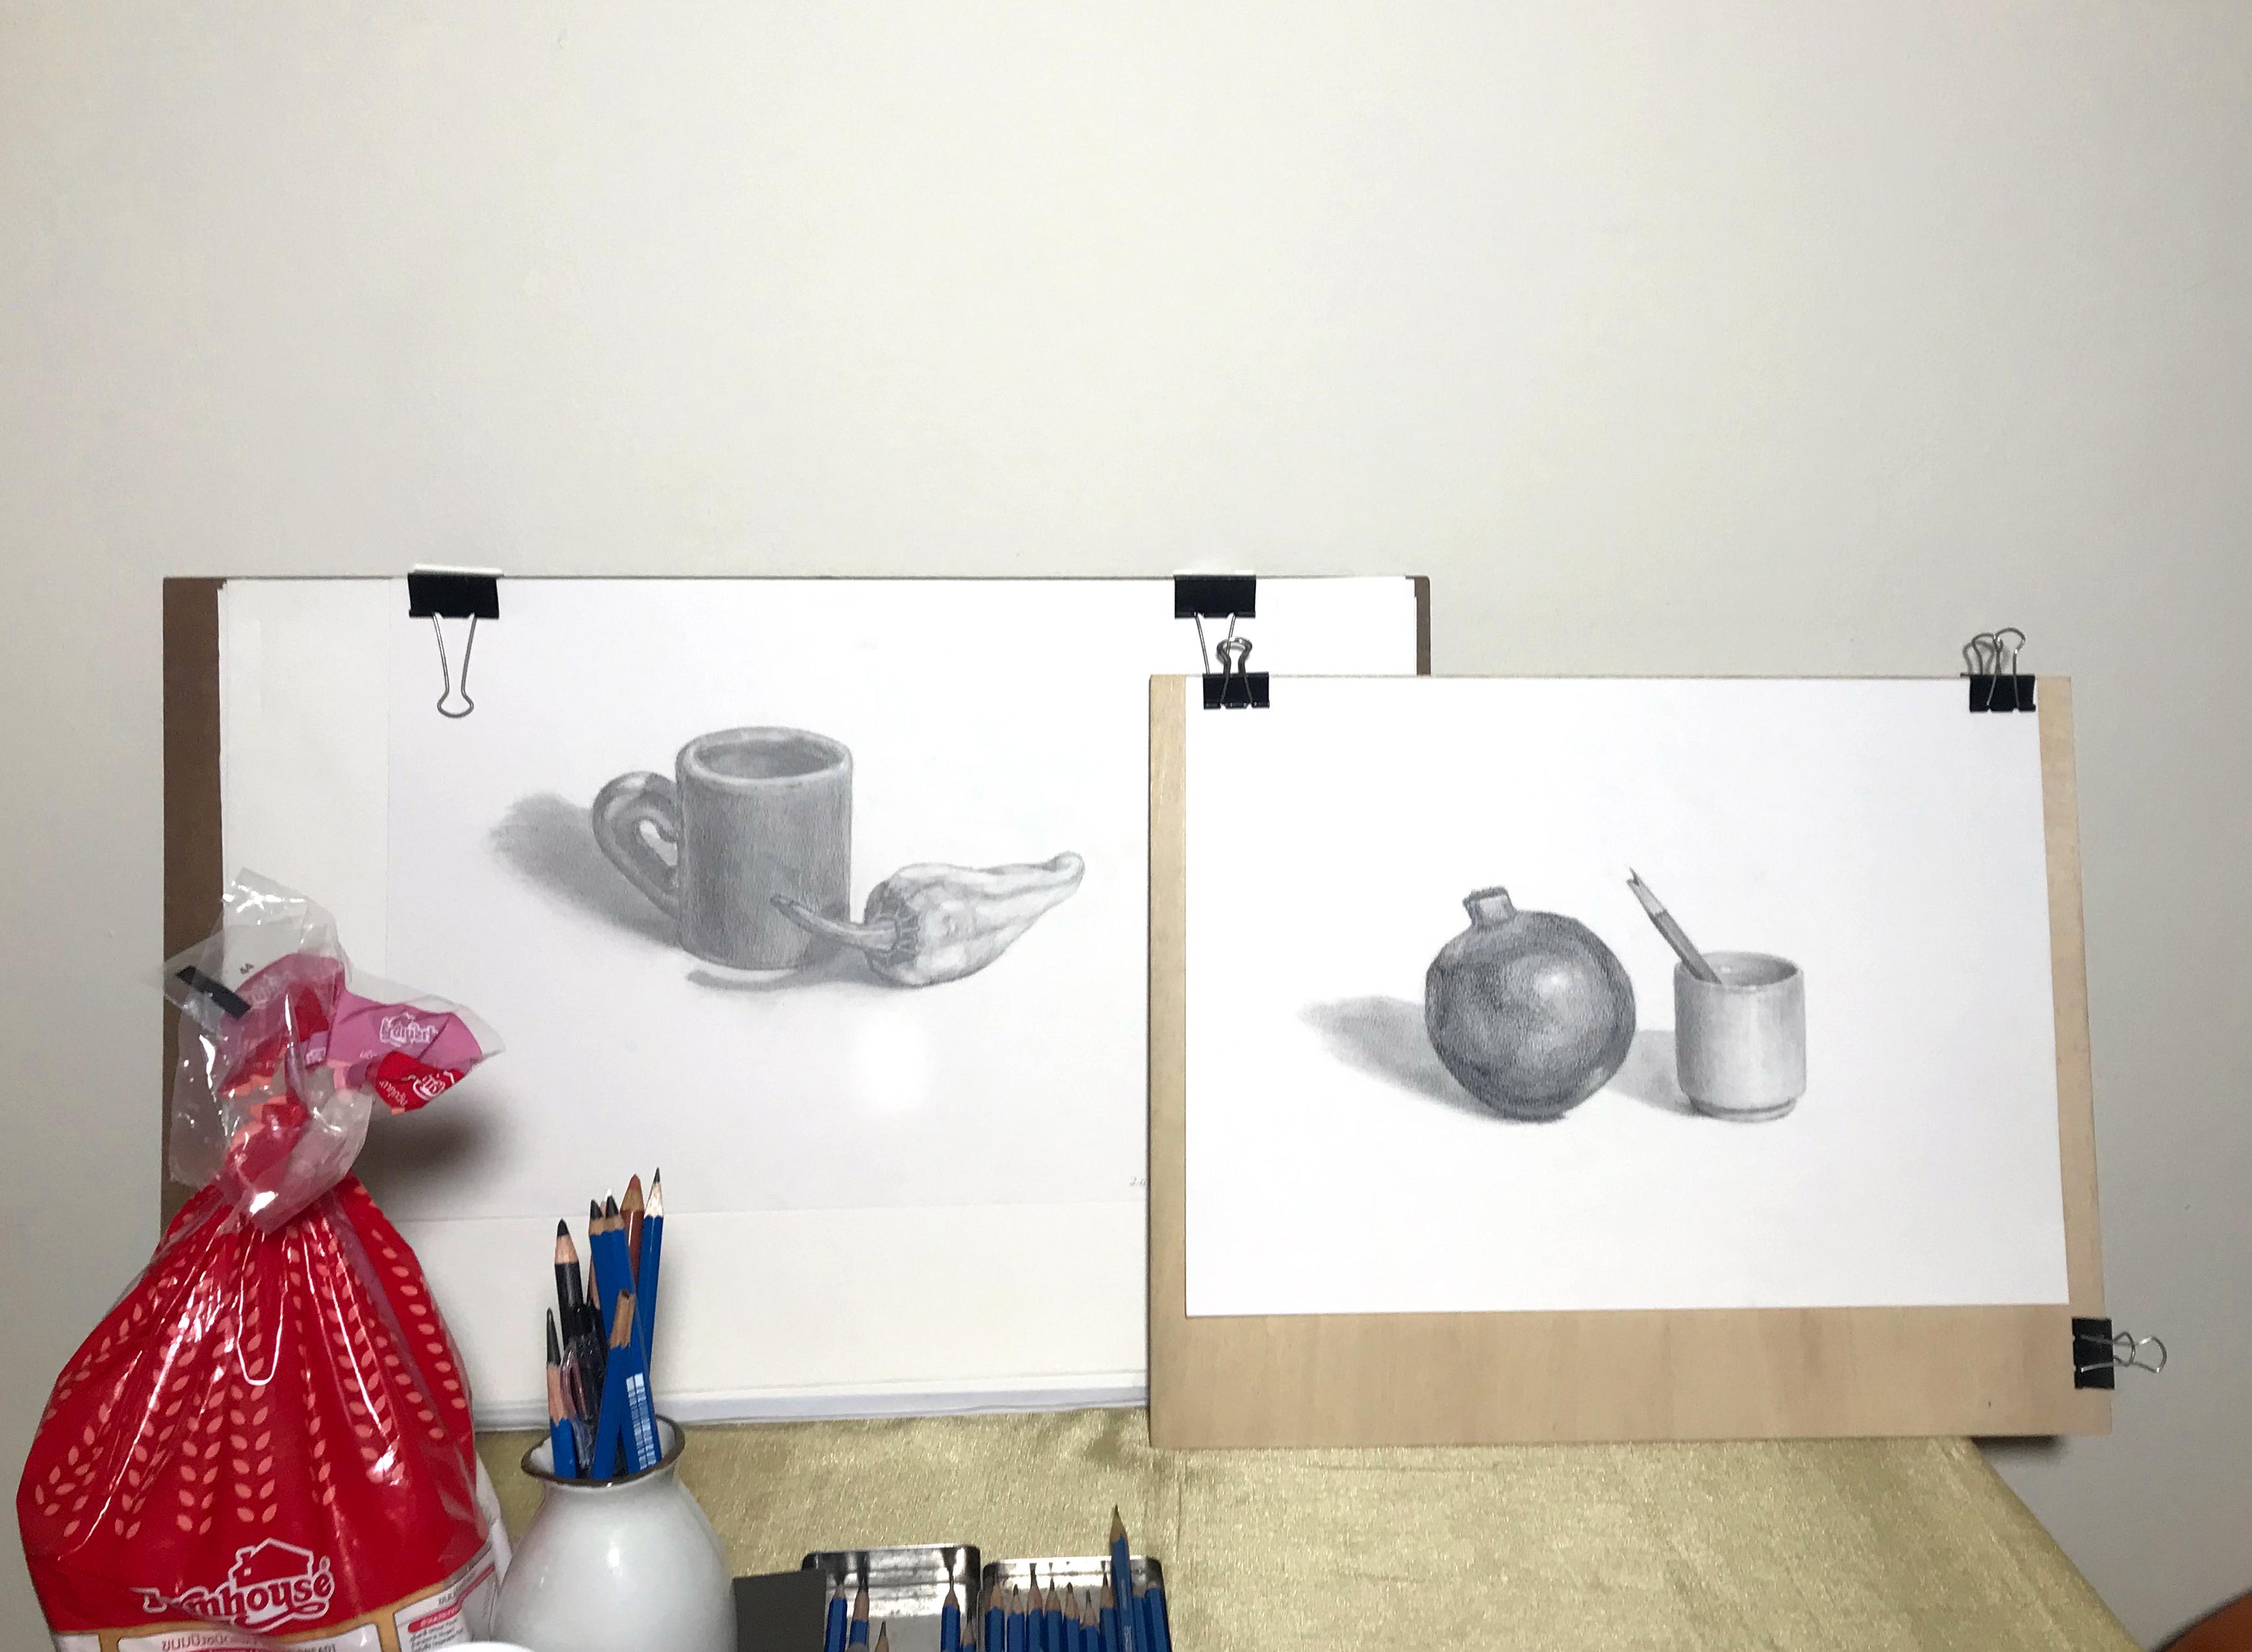 2019の正月から2日続けて描いた静物デッサン